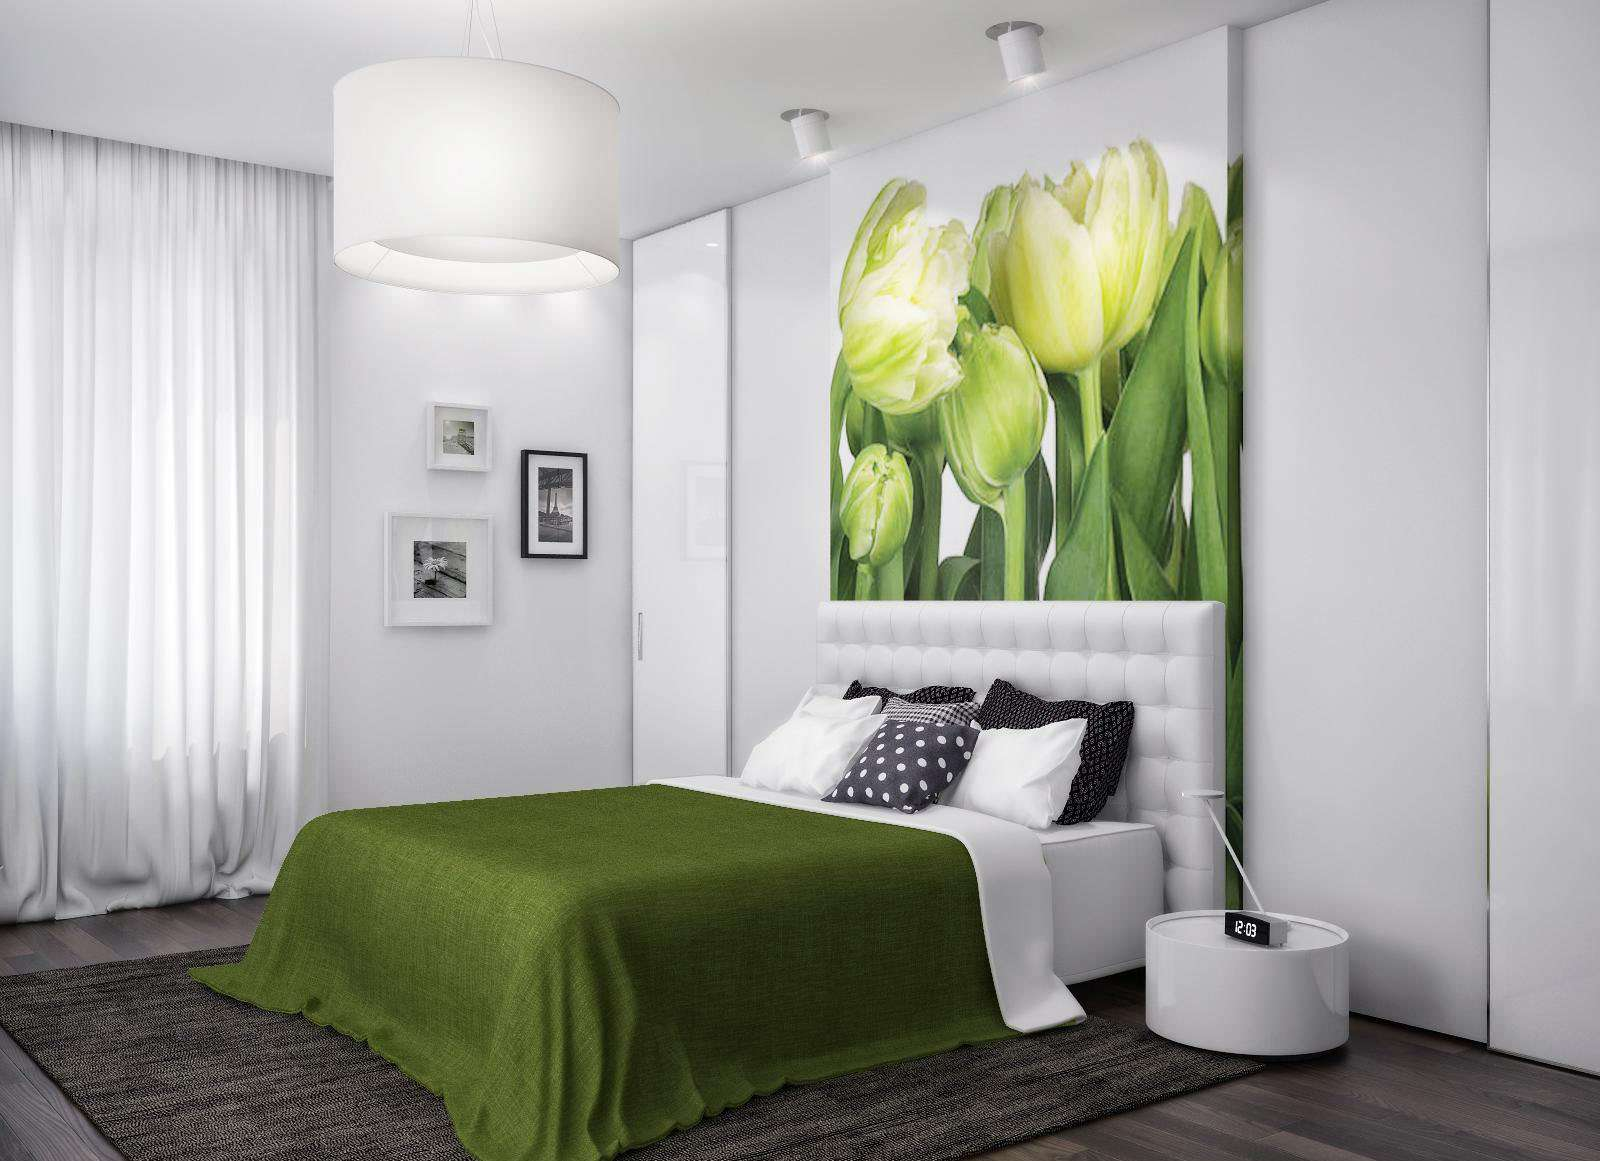 Фотообои для спальни фото в интерьере для маленьких комнат